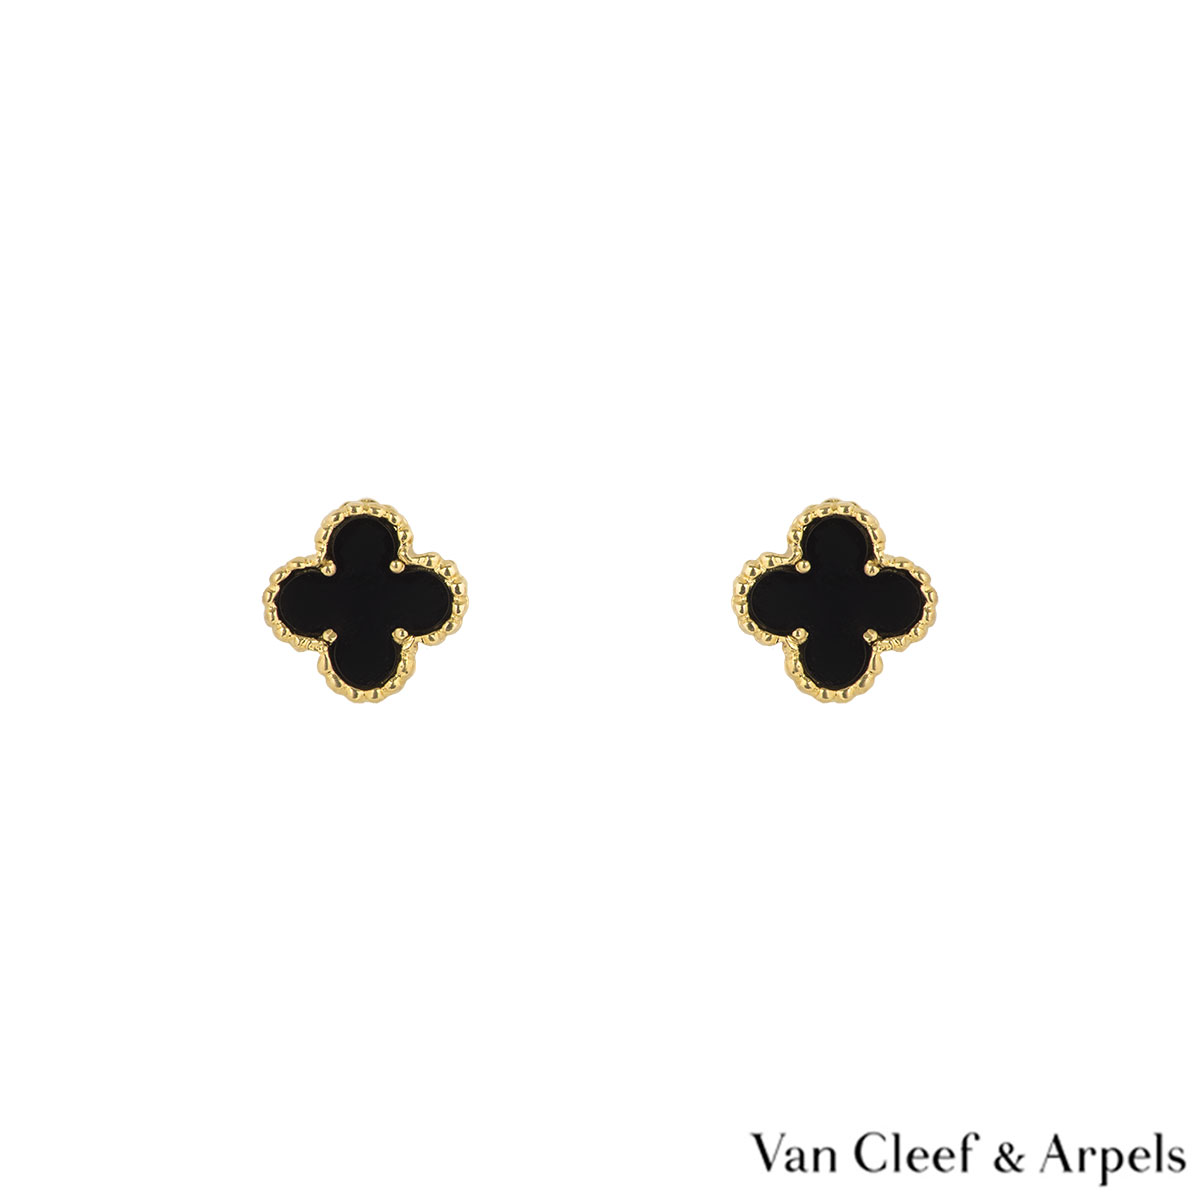 Van Cleef & Arpels Yellow Gold Onyx Sweet Alhambra Earrings VCARA44900